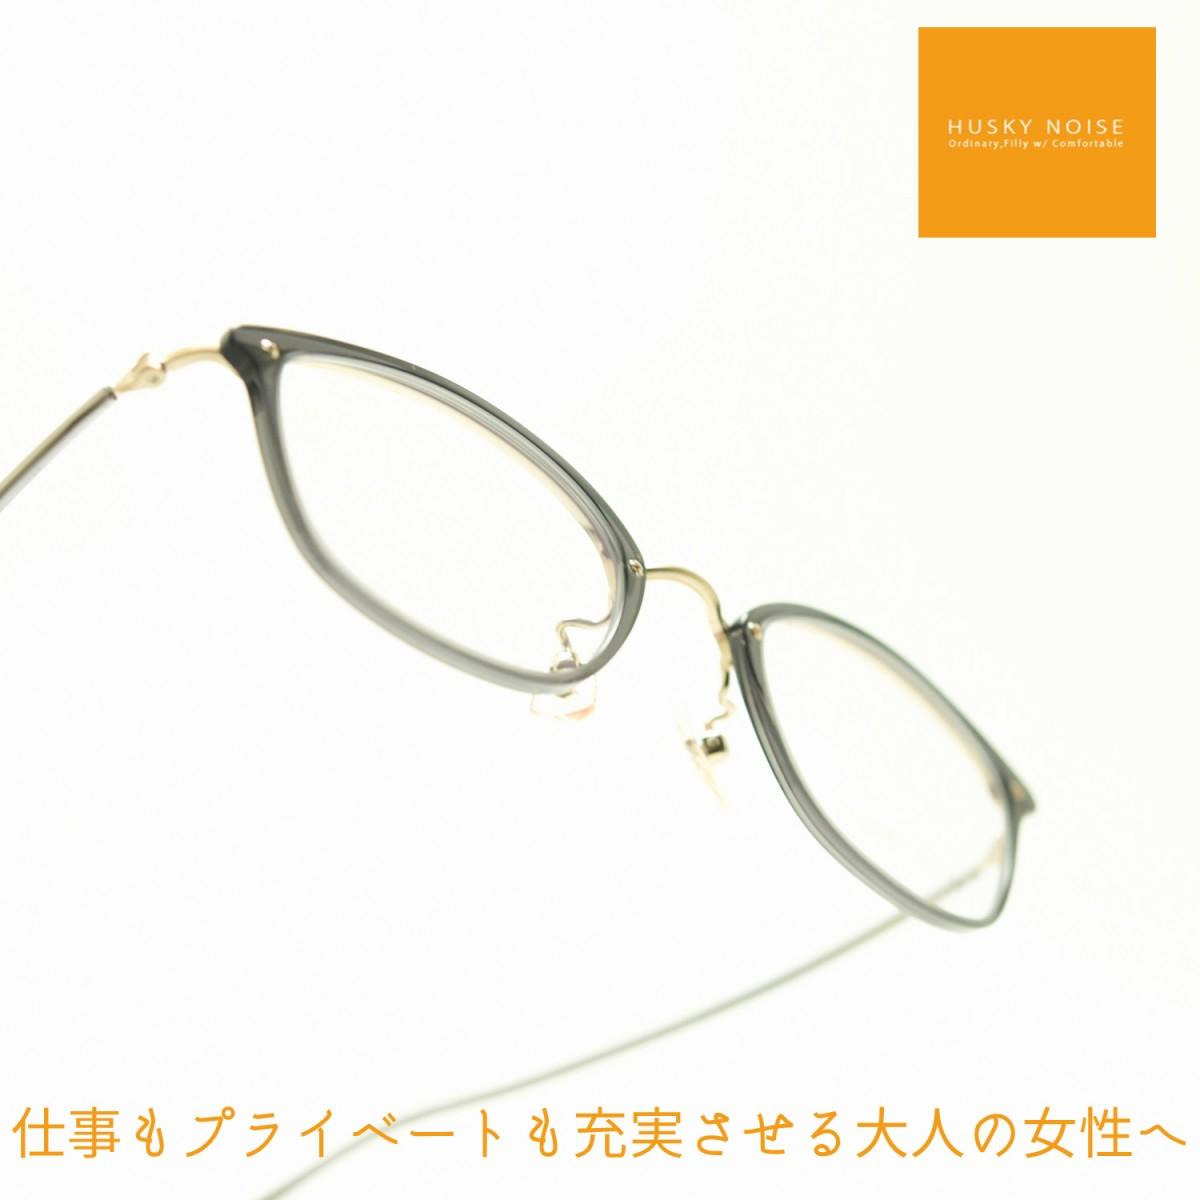 HUSKY NOISE ハスキーノイズH-186 col-1メガネ 眼鏡 めがね メンズ レディース おしゃれ ブランド 人気 おすすめ フレーム 流行り 度付き レンズ